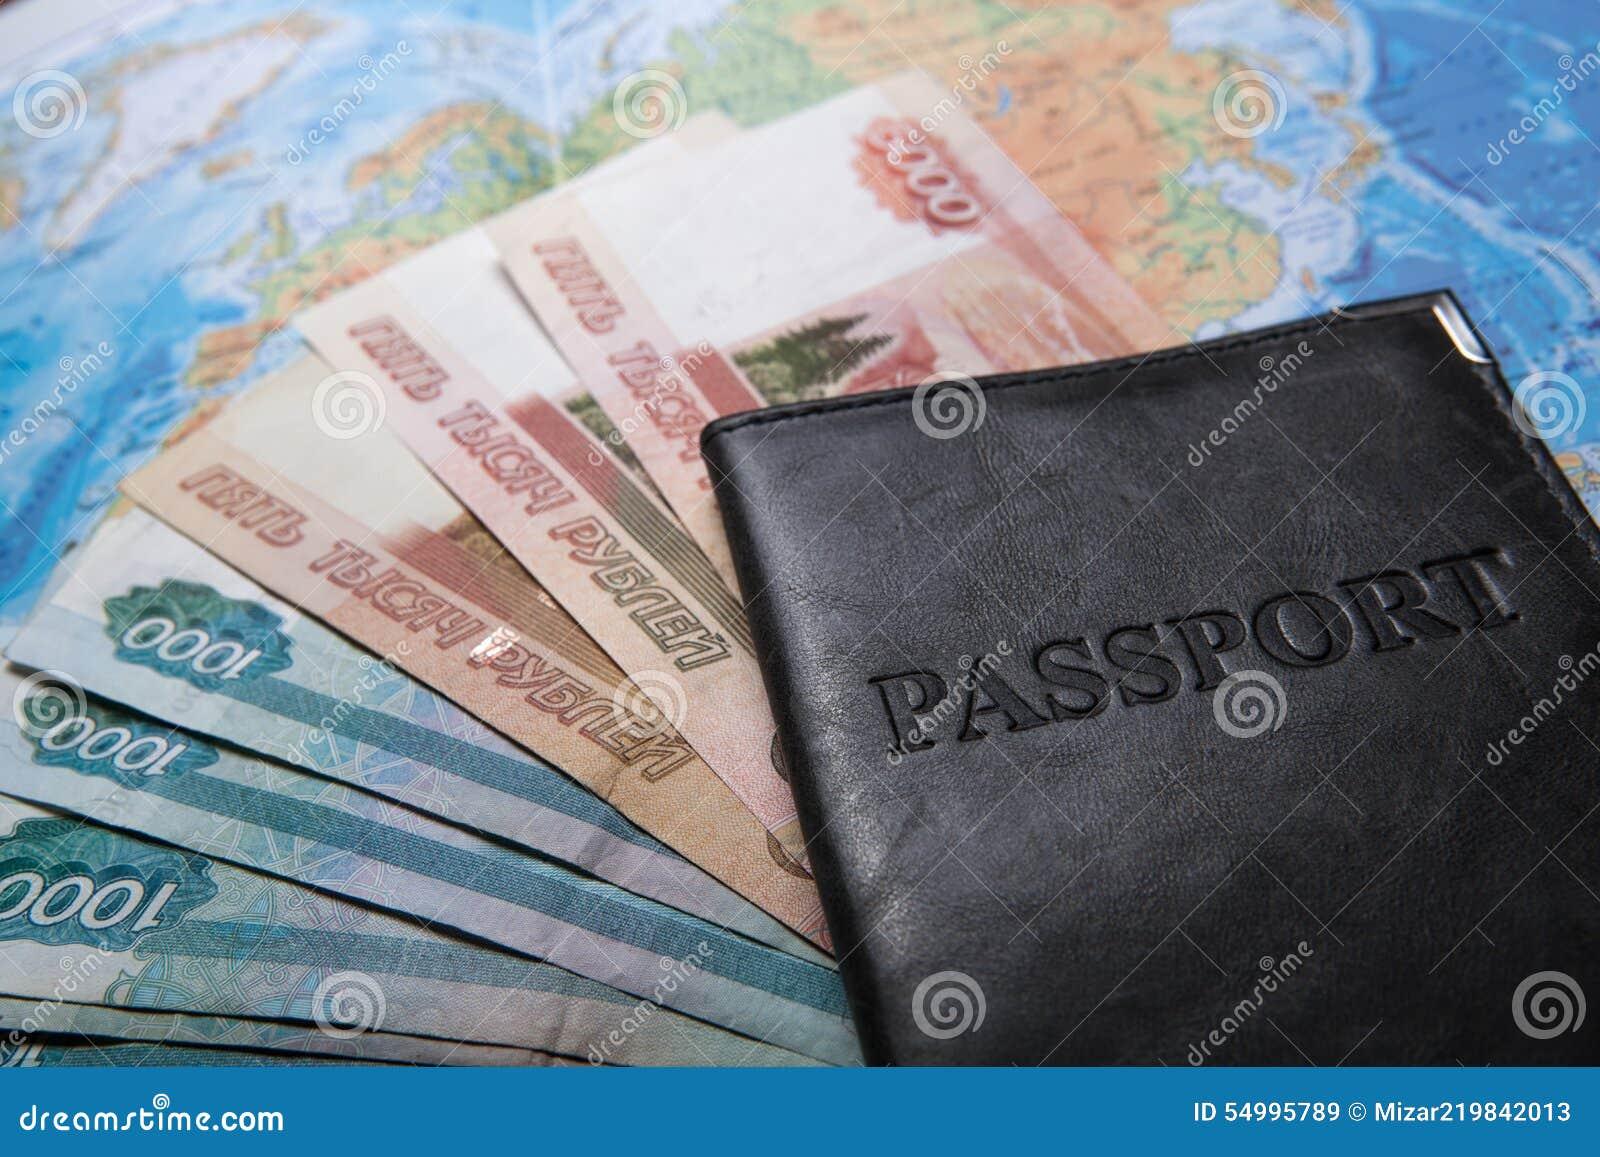 Pass i påsen på en översikt med sedlar